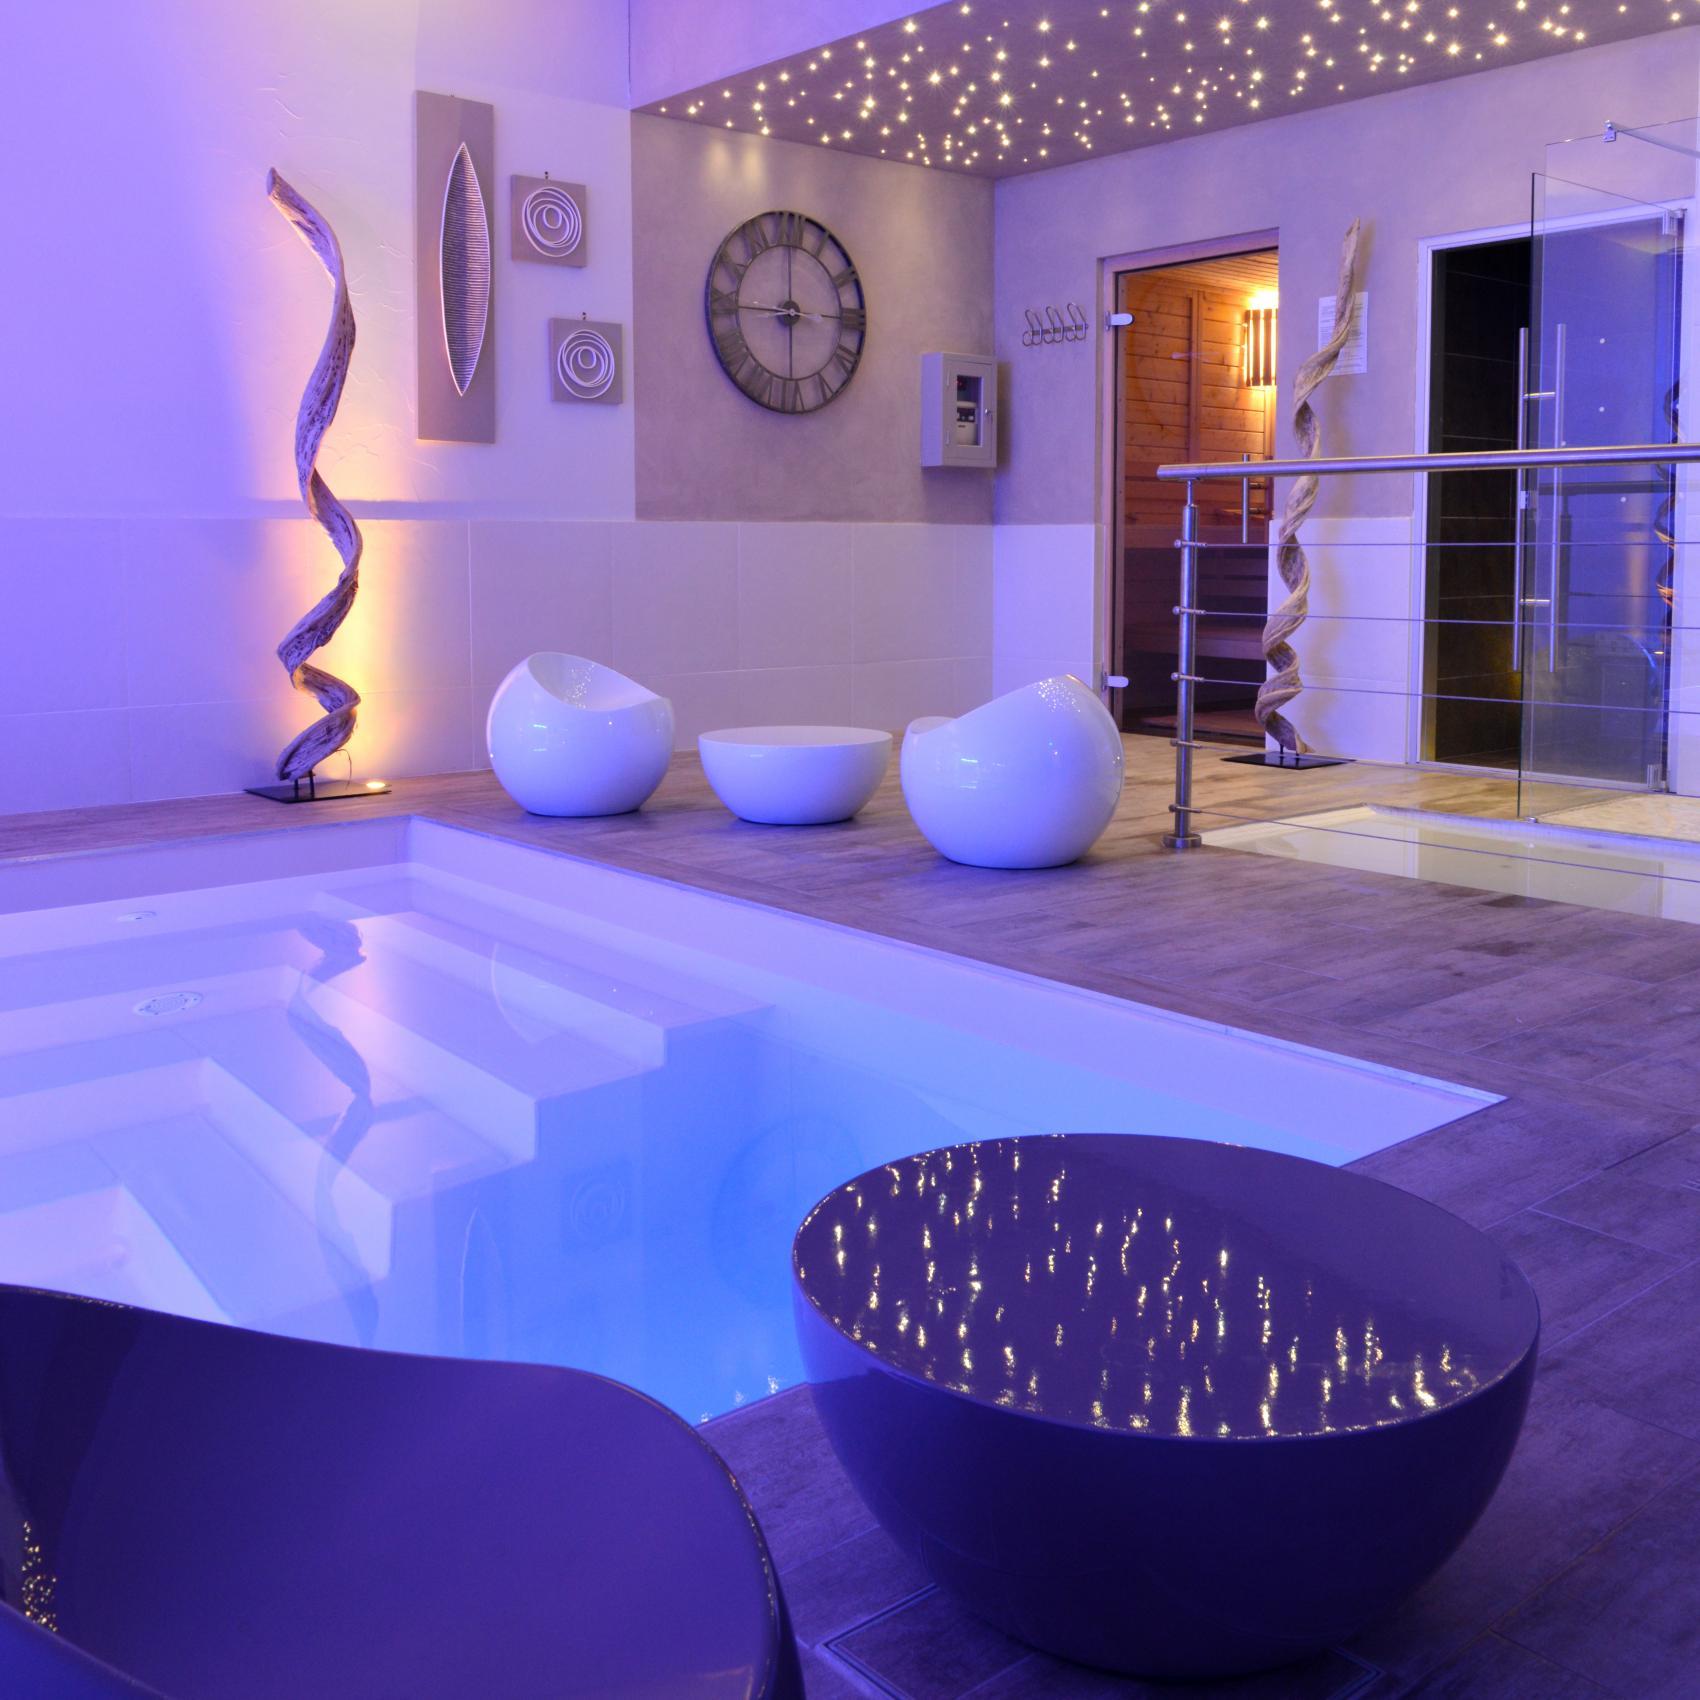 Meilleurs tarifs garantis grand h tel des bains et for Hotel fouras grand hotel des bains